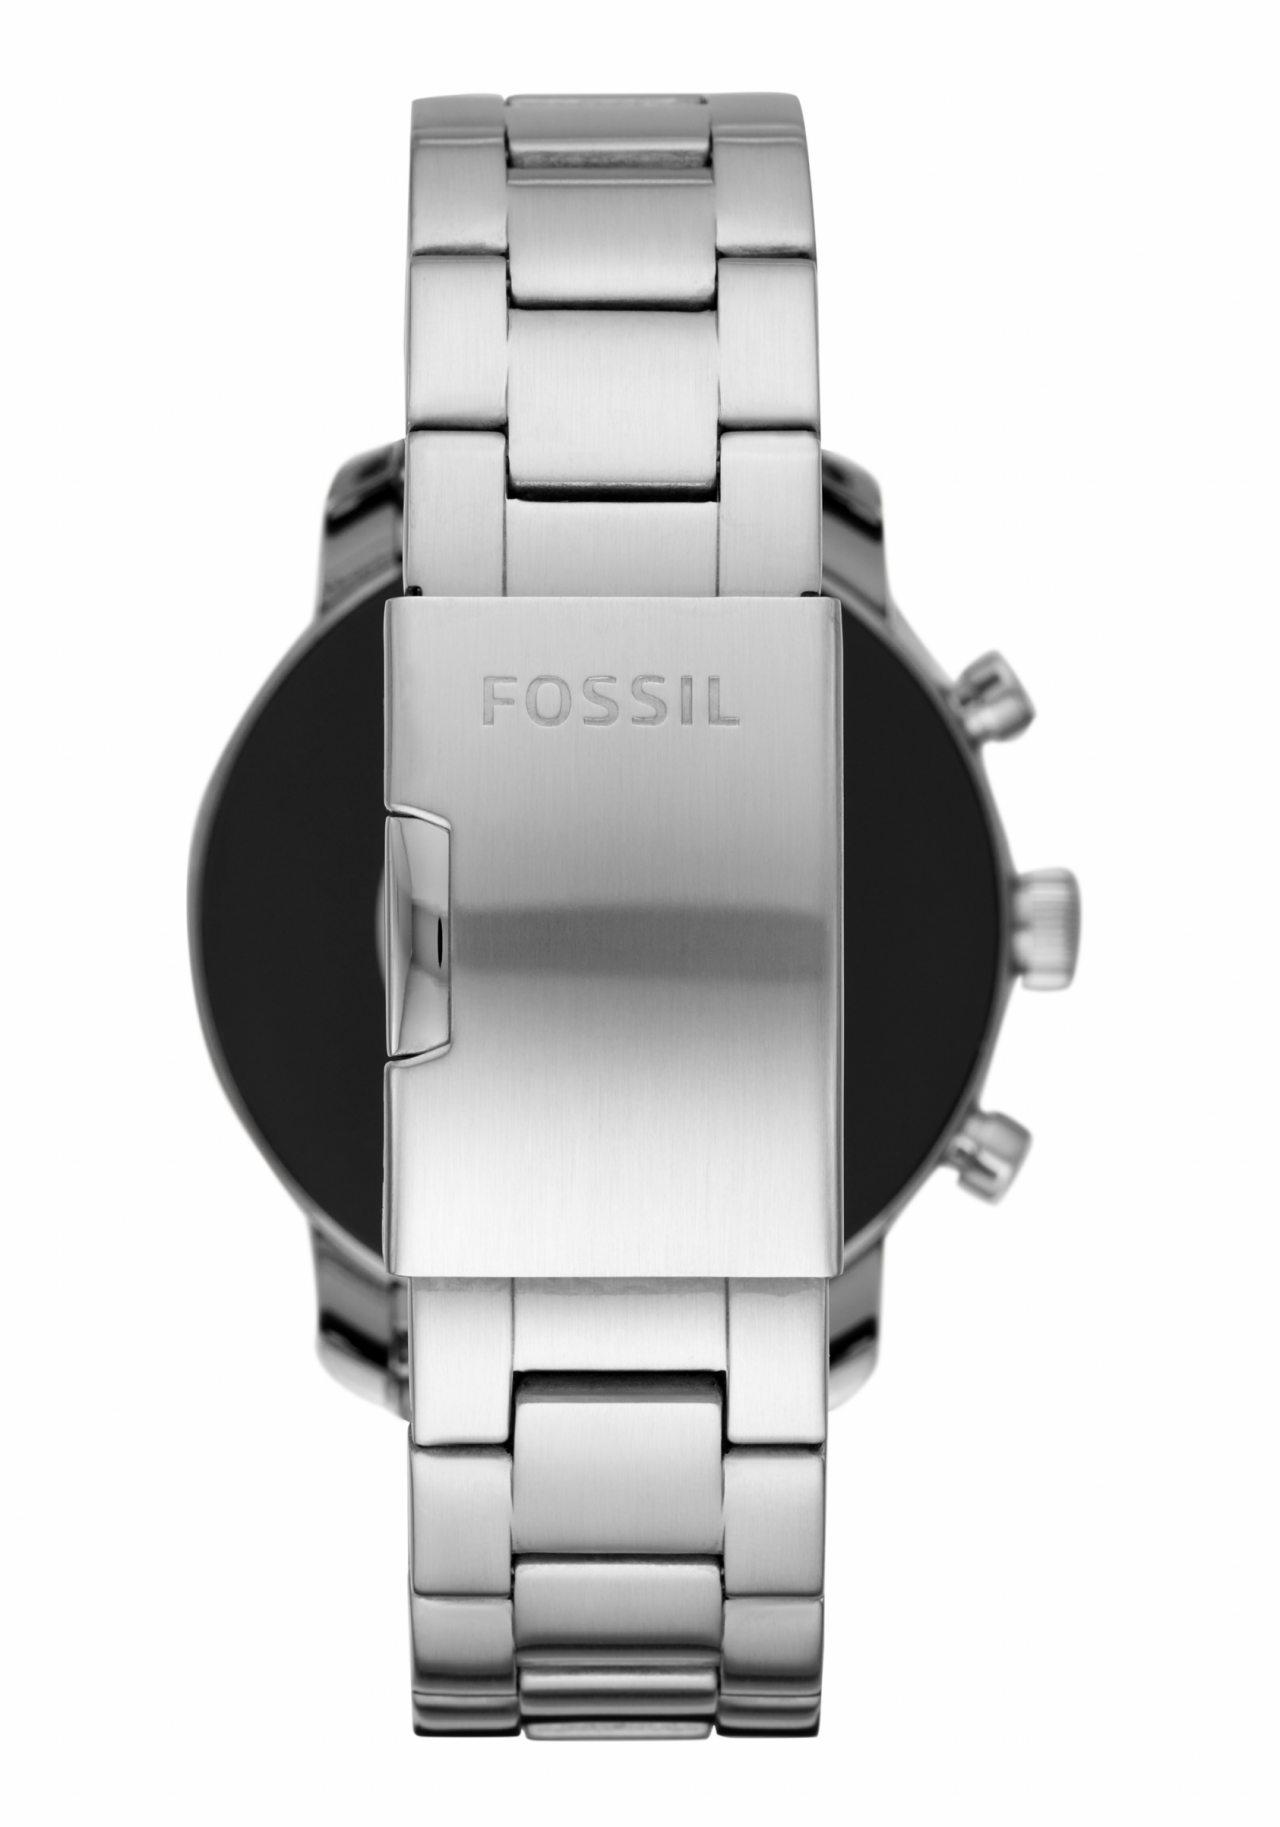 Купить смарт-часы fossil ftw gen 4 q explorist, 45 мм на asos.